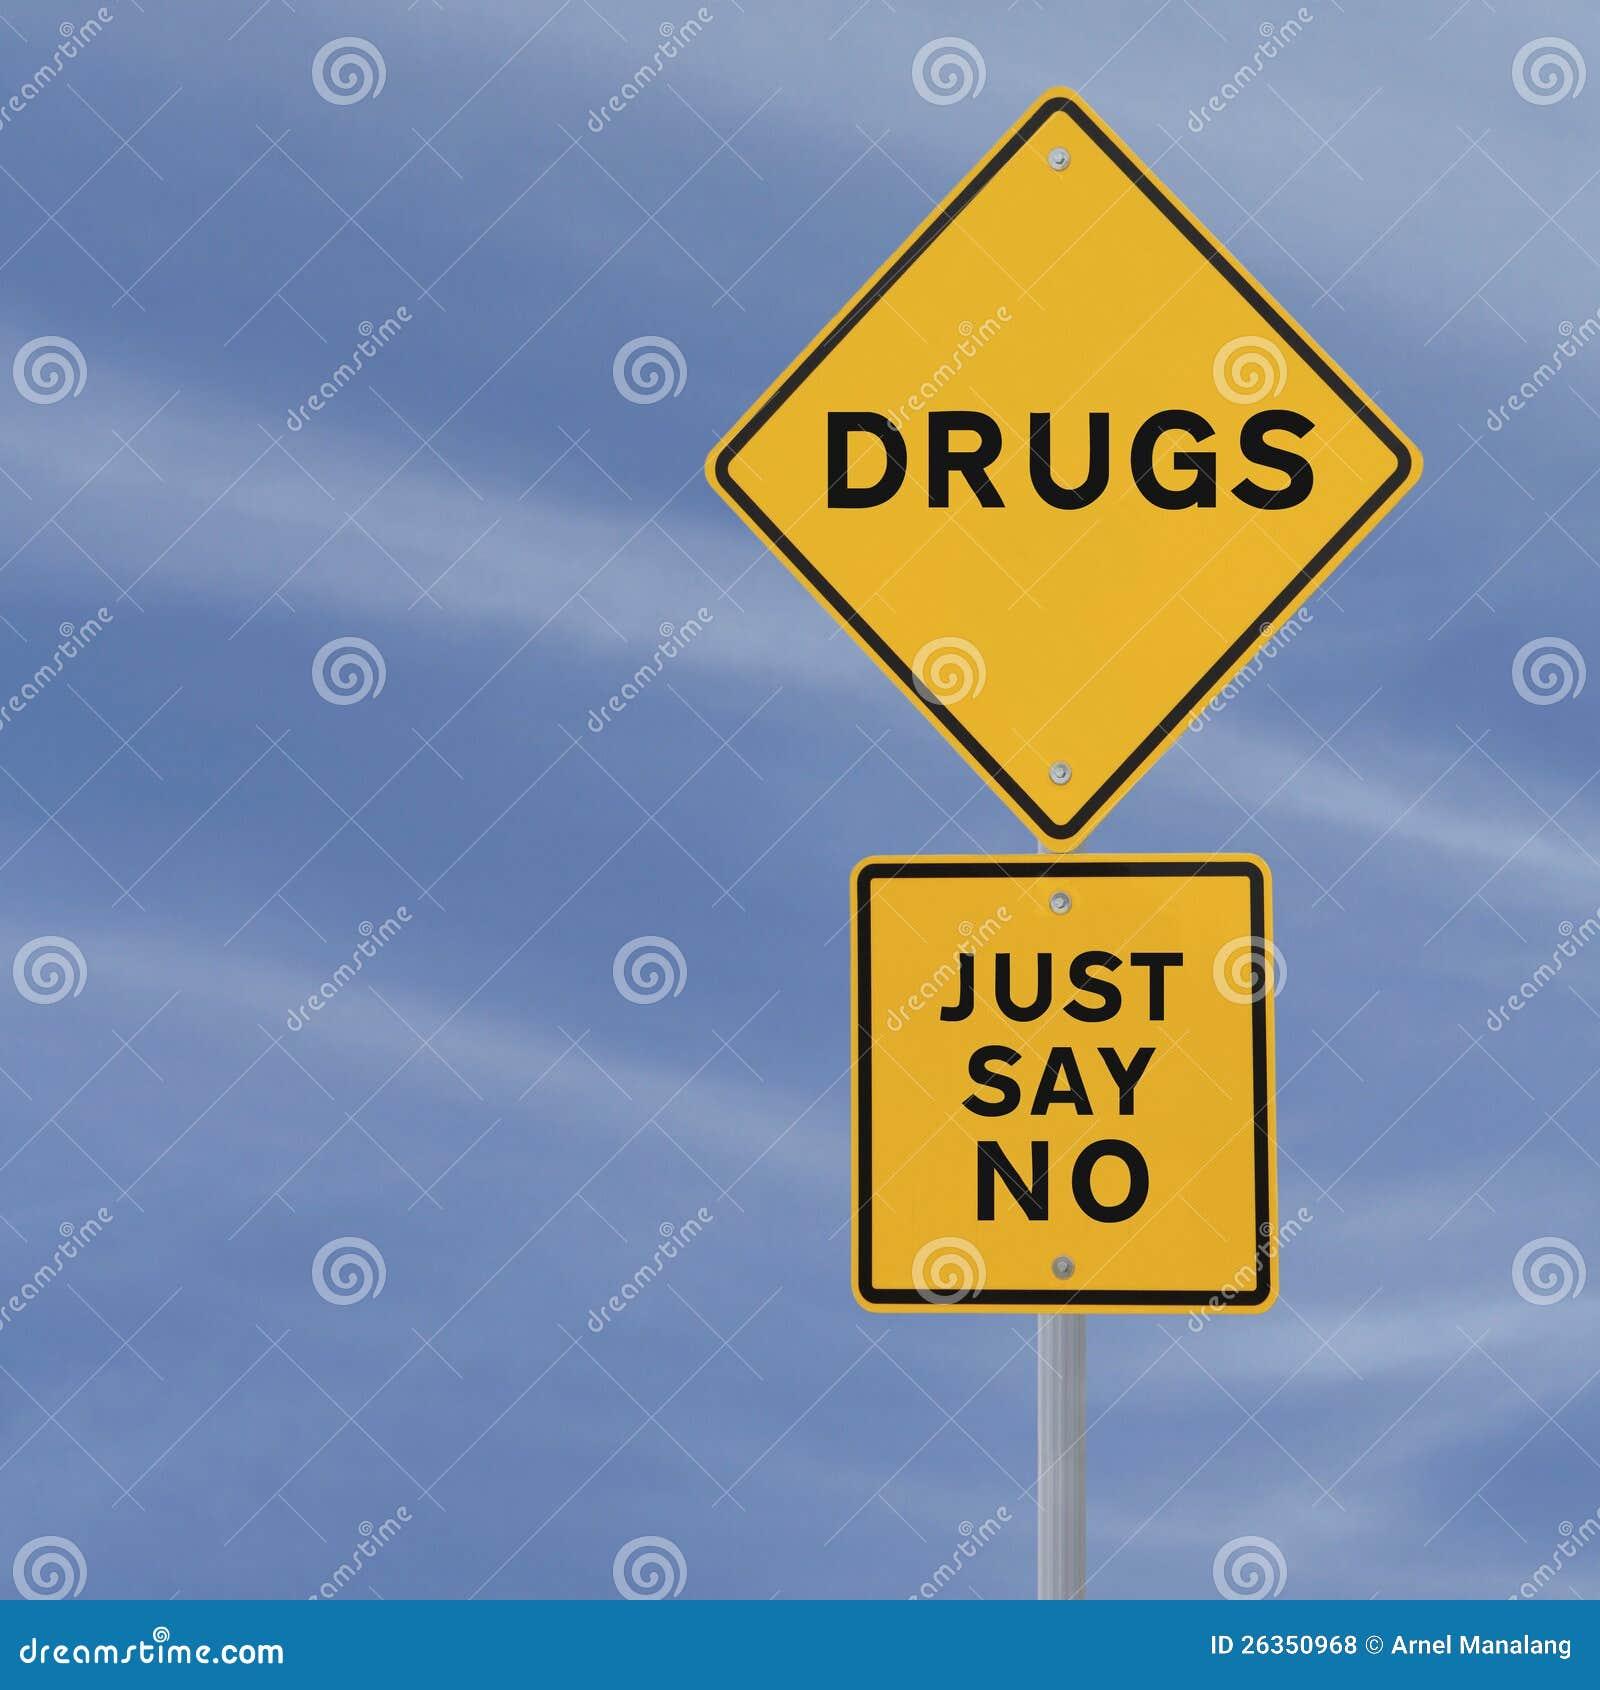 No Drugs Stock Photos - Image: 10409143